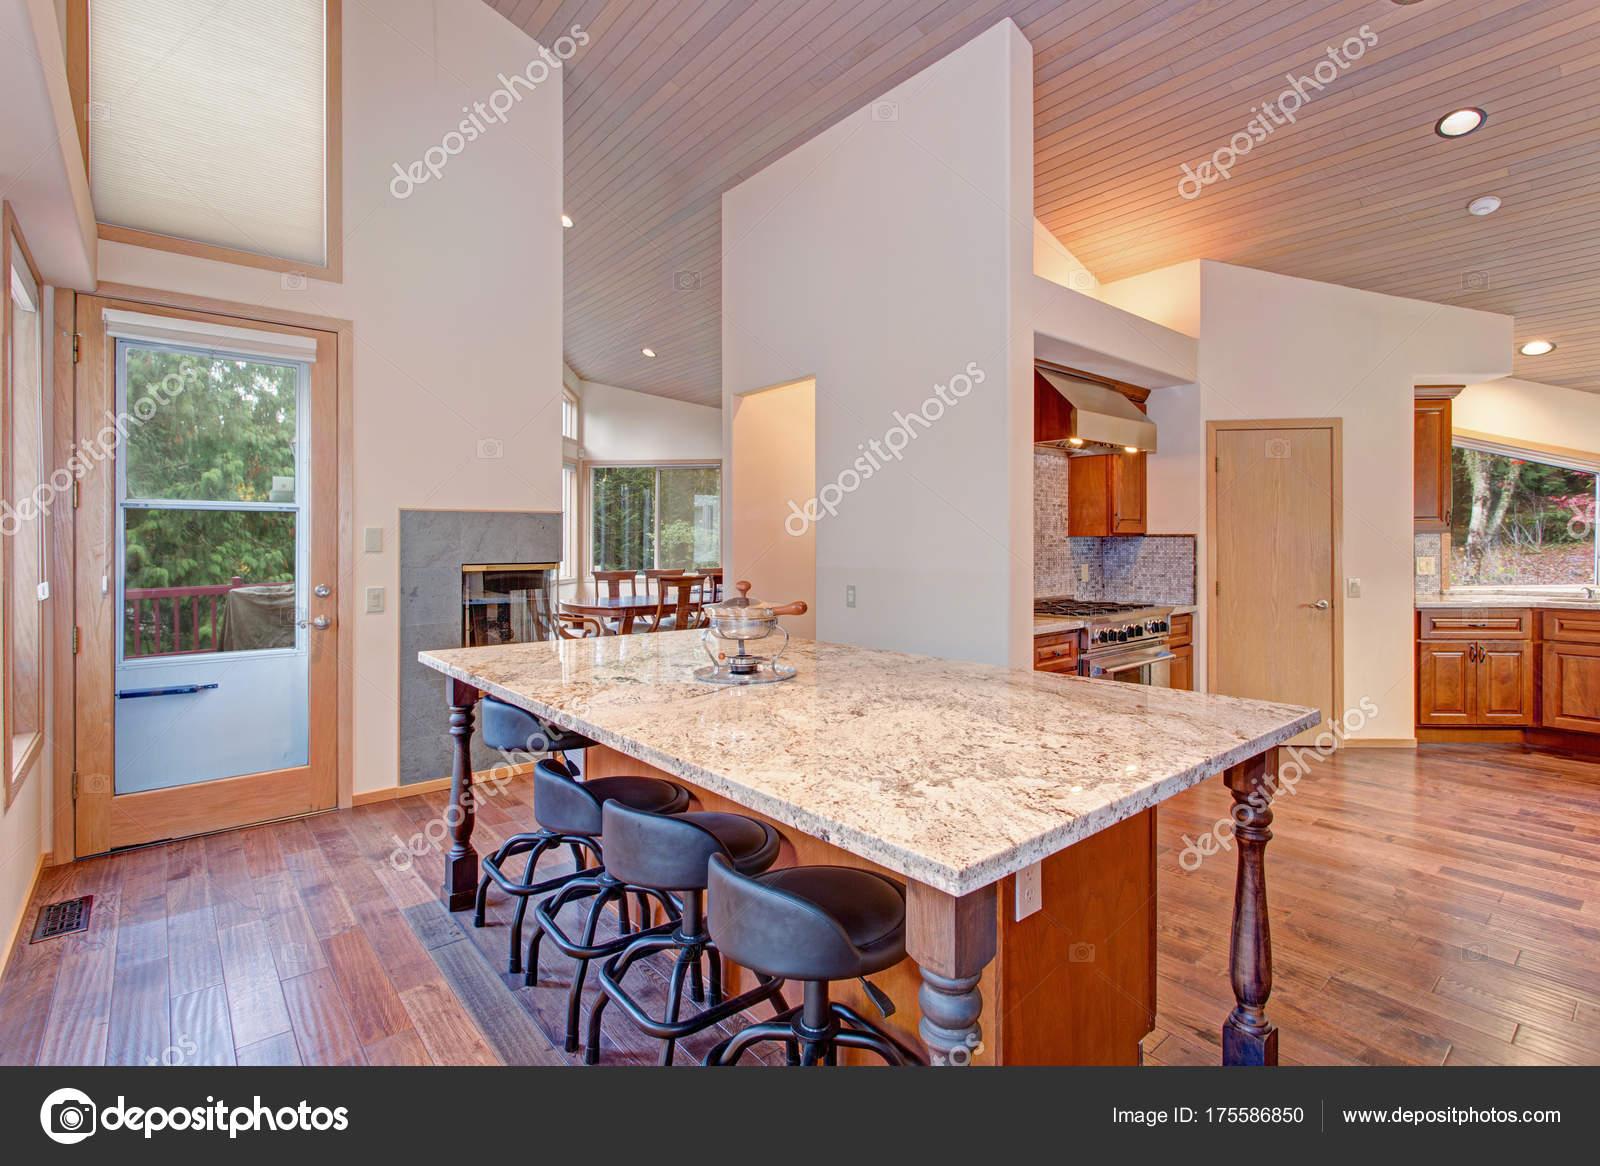 Keuken Plattegrond Open : Open plattegrond ontwerp van de keuken met een keukeneiland